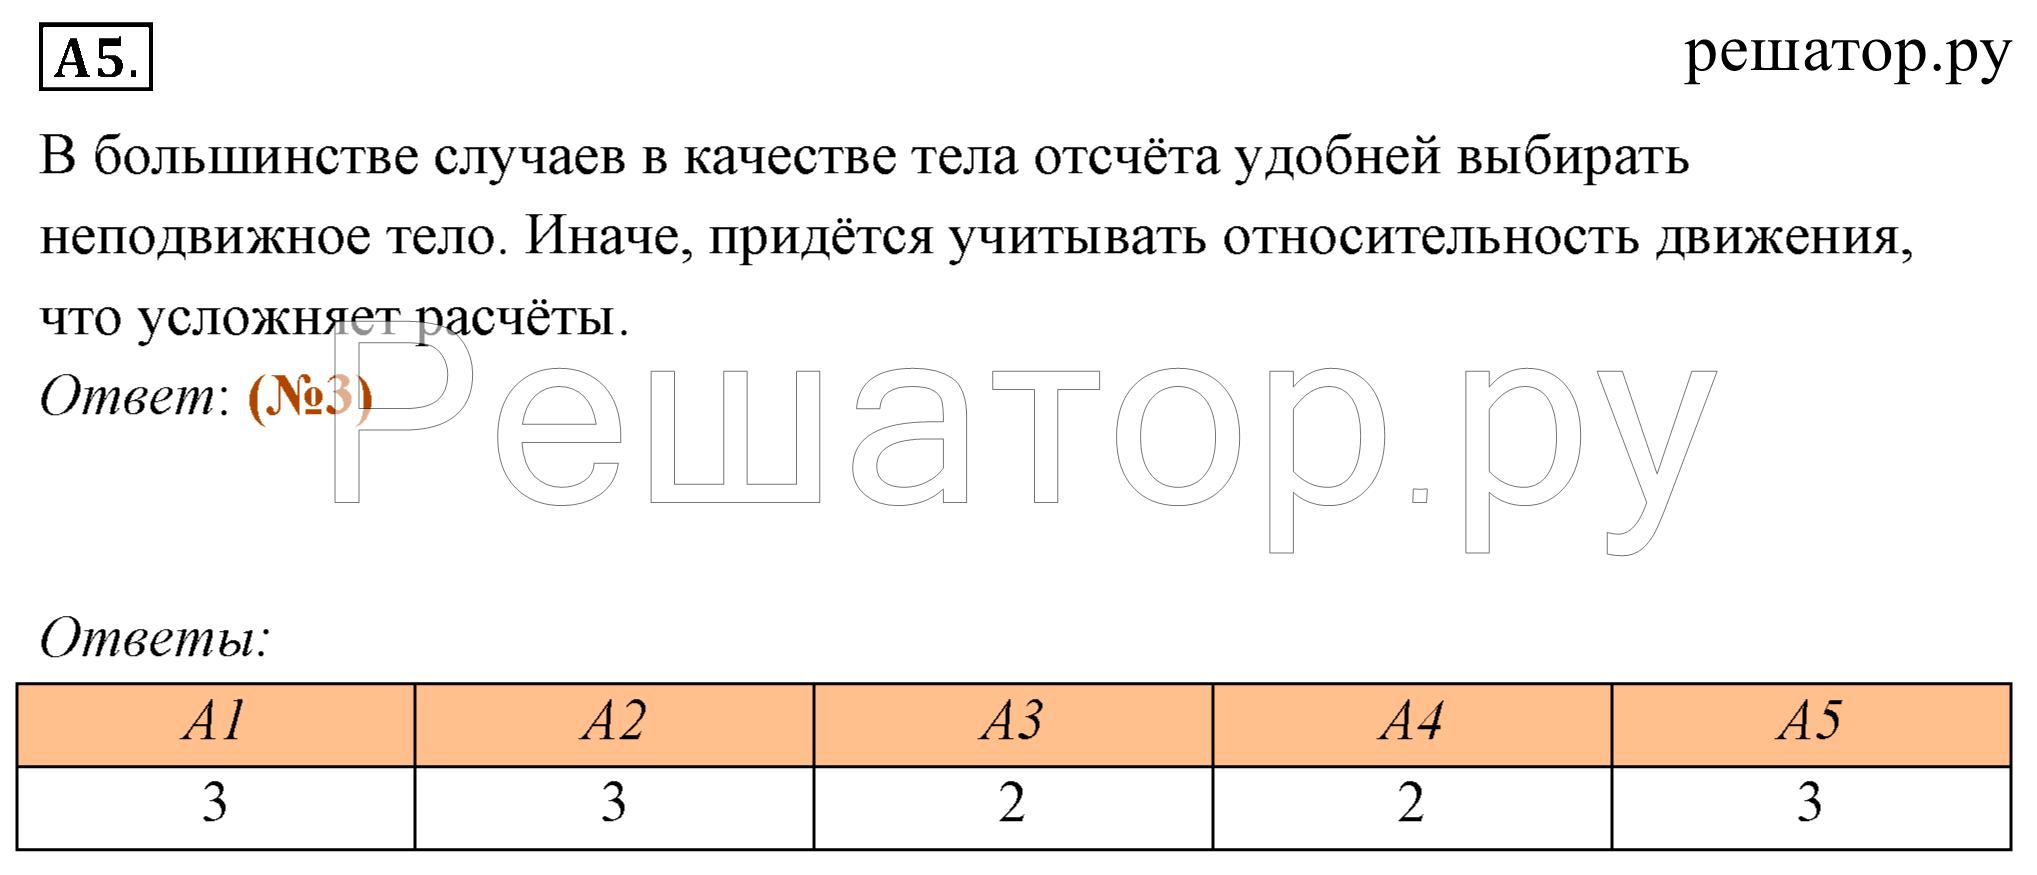 Физика 10 класс мякишев, буховцев упражнение 19 задание 2 гдз.